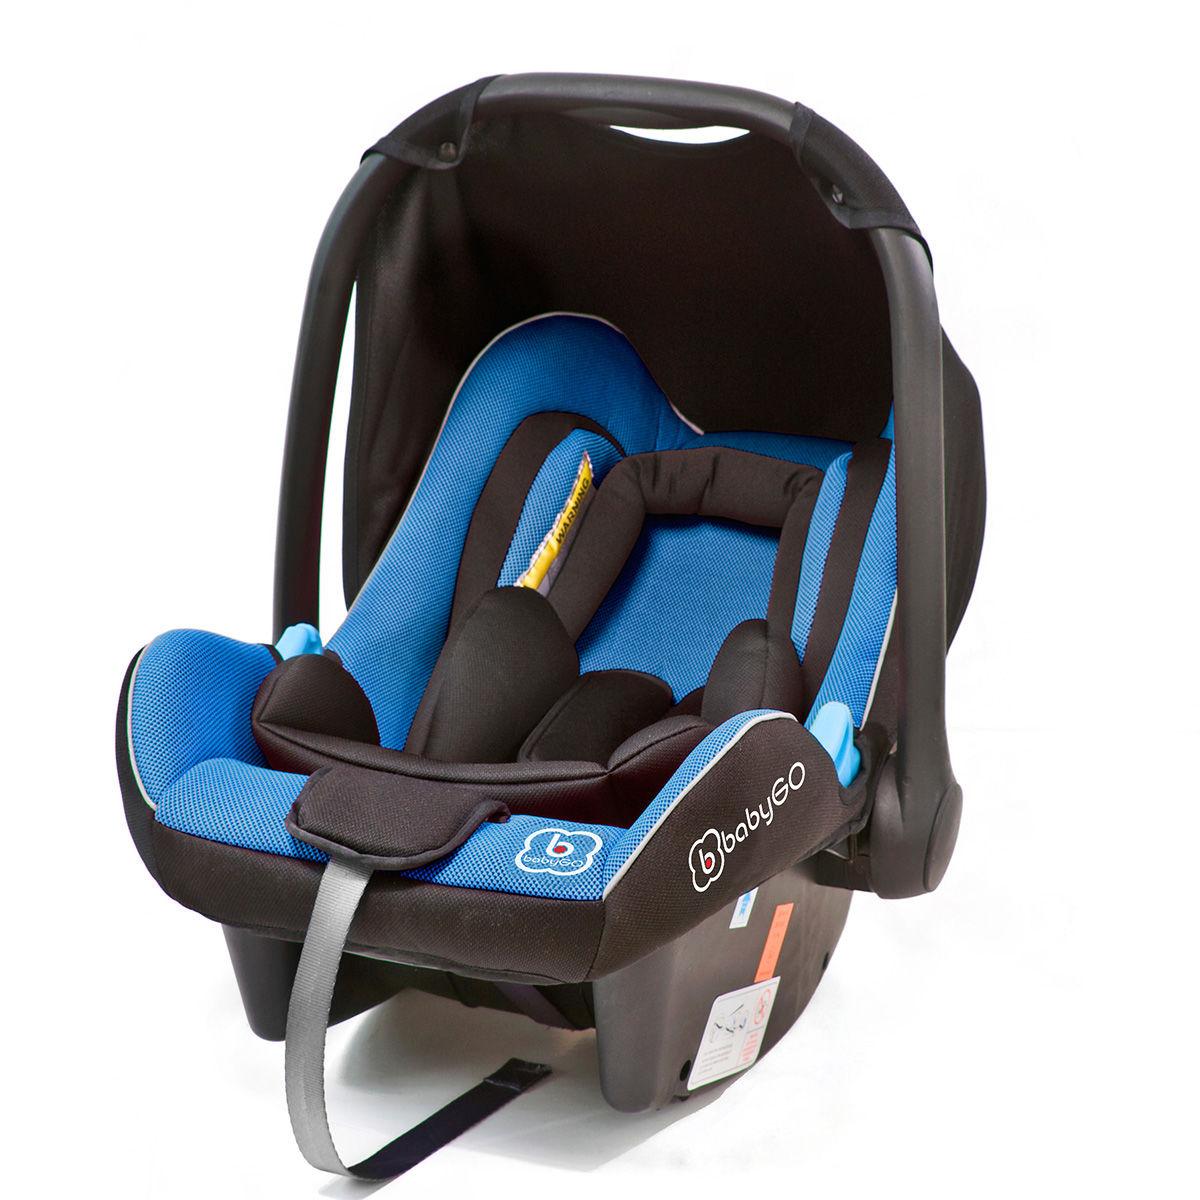 Afbeelding van Autostoel BabyGO Travel XP Blauw (0-13kg)